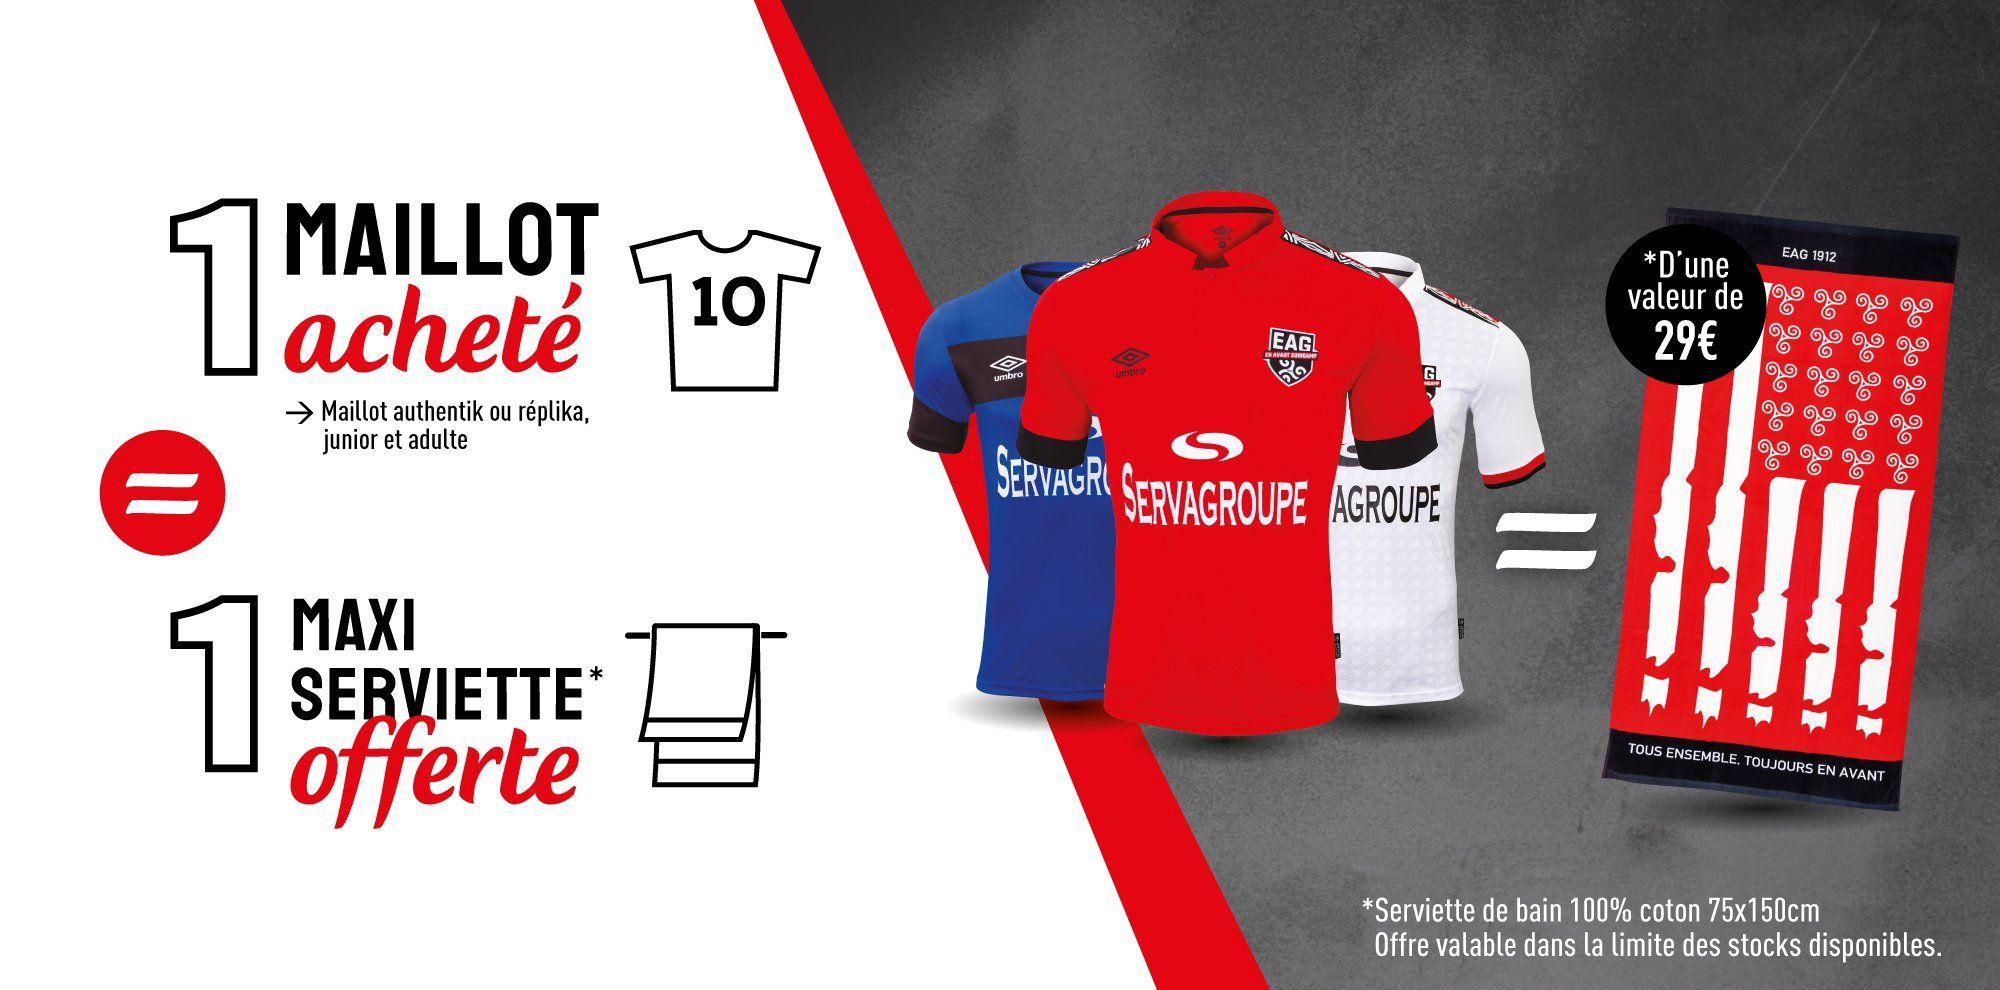 1 maillot de football Umbro En Avant Guingamp Authentik ou Réplika adulte ou junior acheté = 1 maxi-serviette offerte - EAGuingamp.com